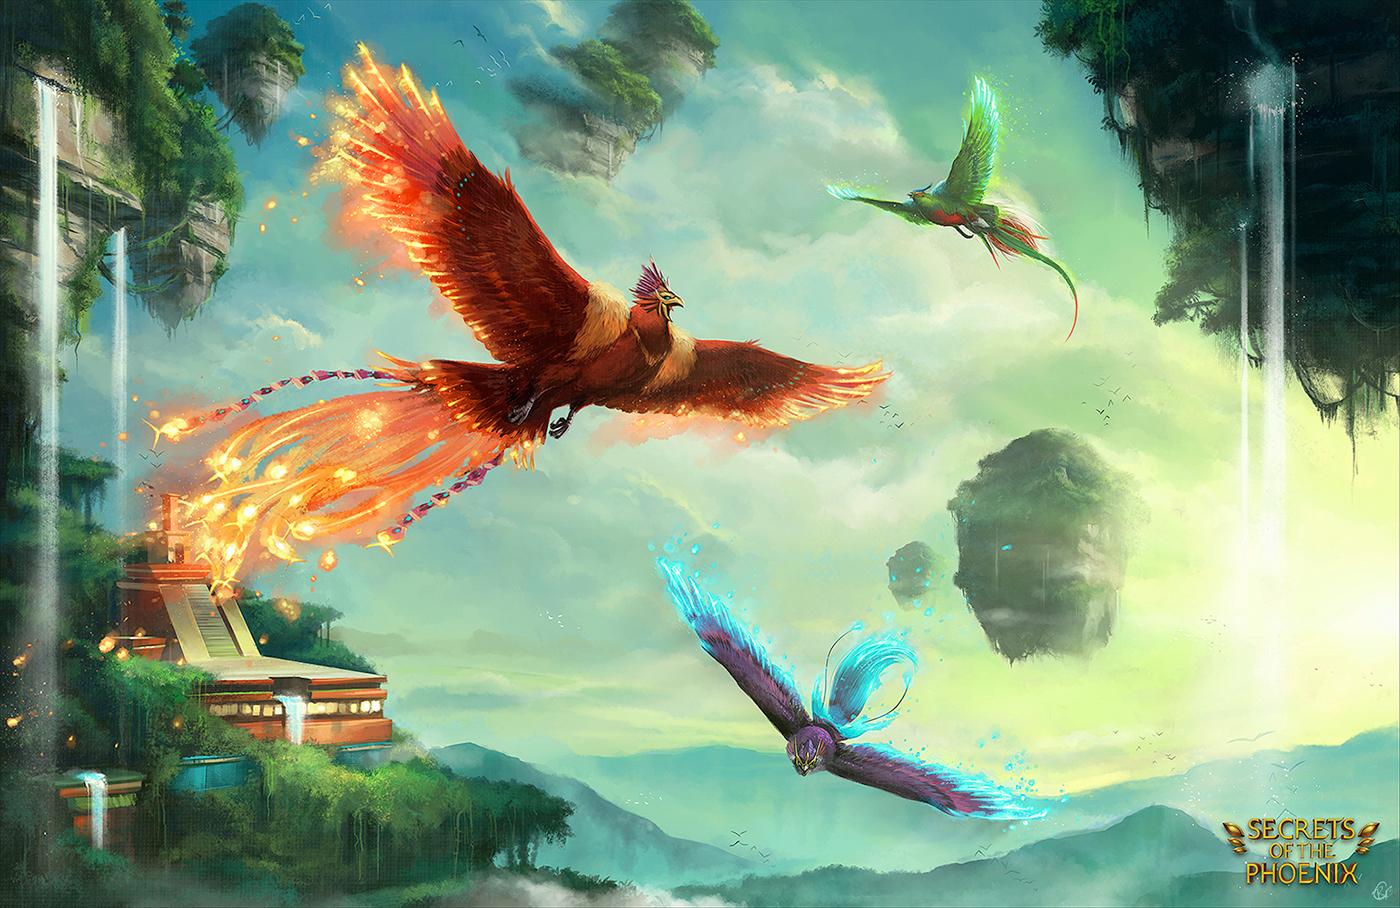 камни картинки фэнтези птицы высокой плотности